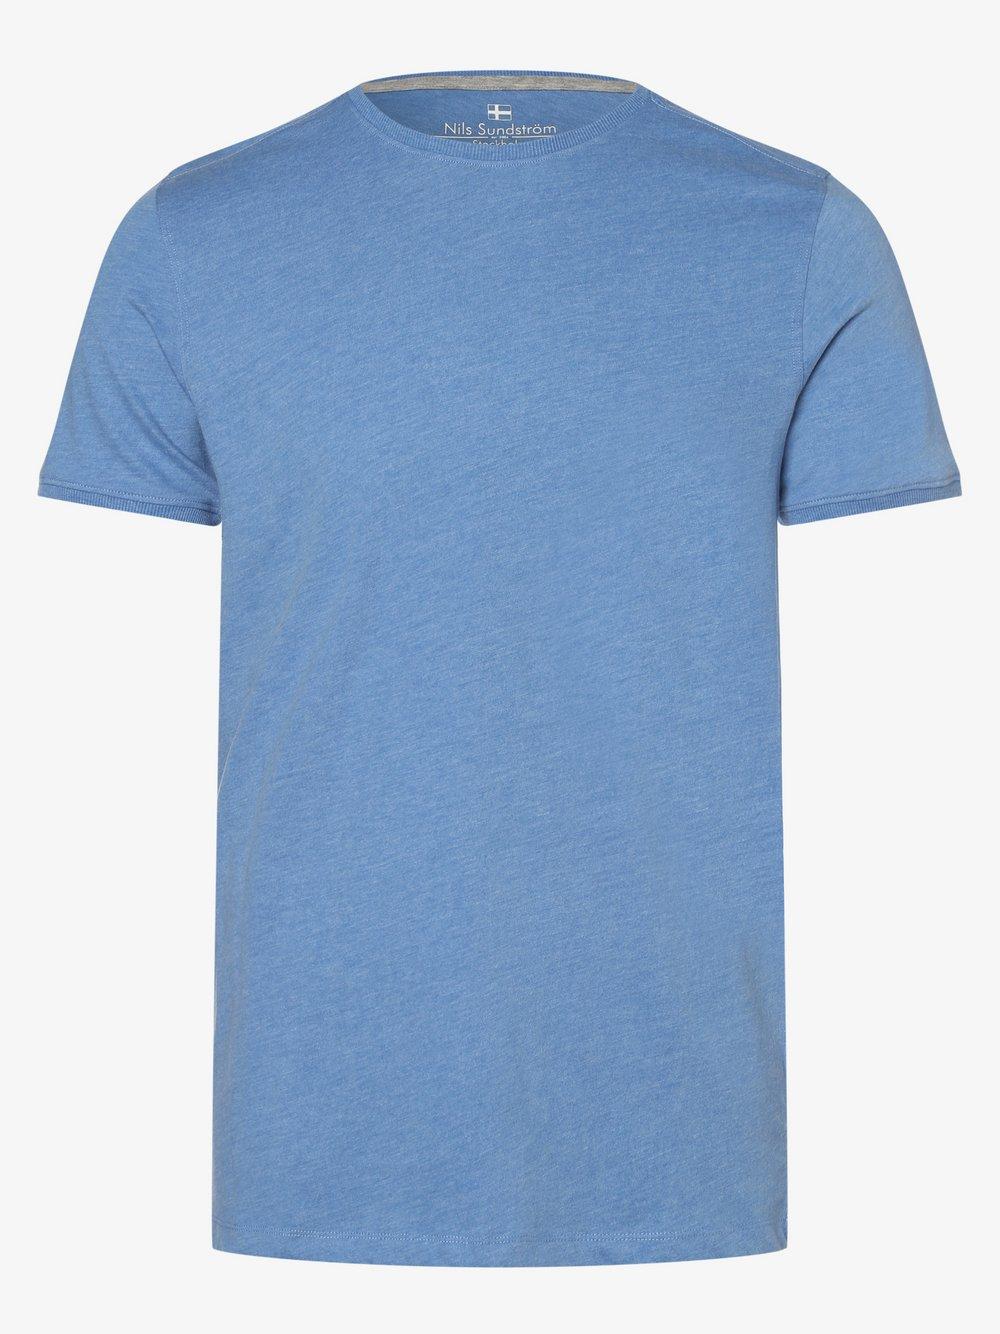 Nils Sundström - T-shirt męski, niebieski